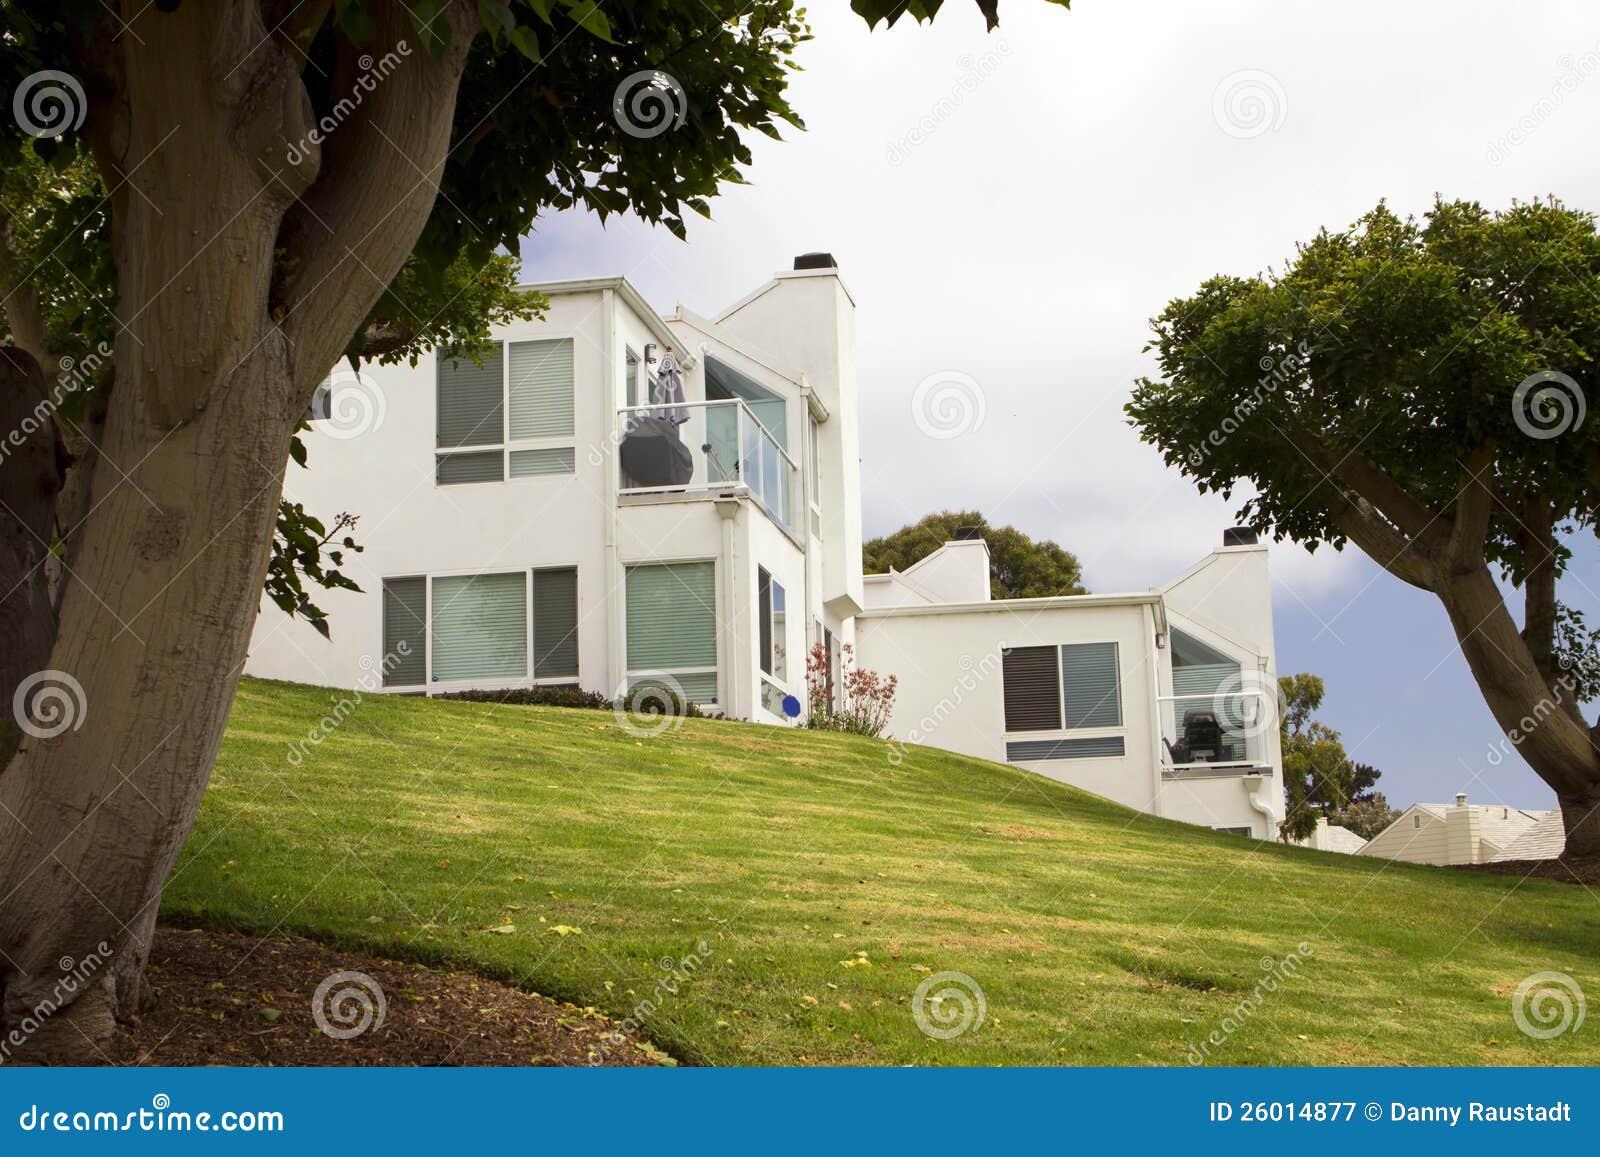 Moderne Weiße Häuser Auf Einem Hügel In Kalifornien Stockbild - Bild ...